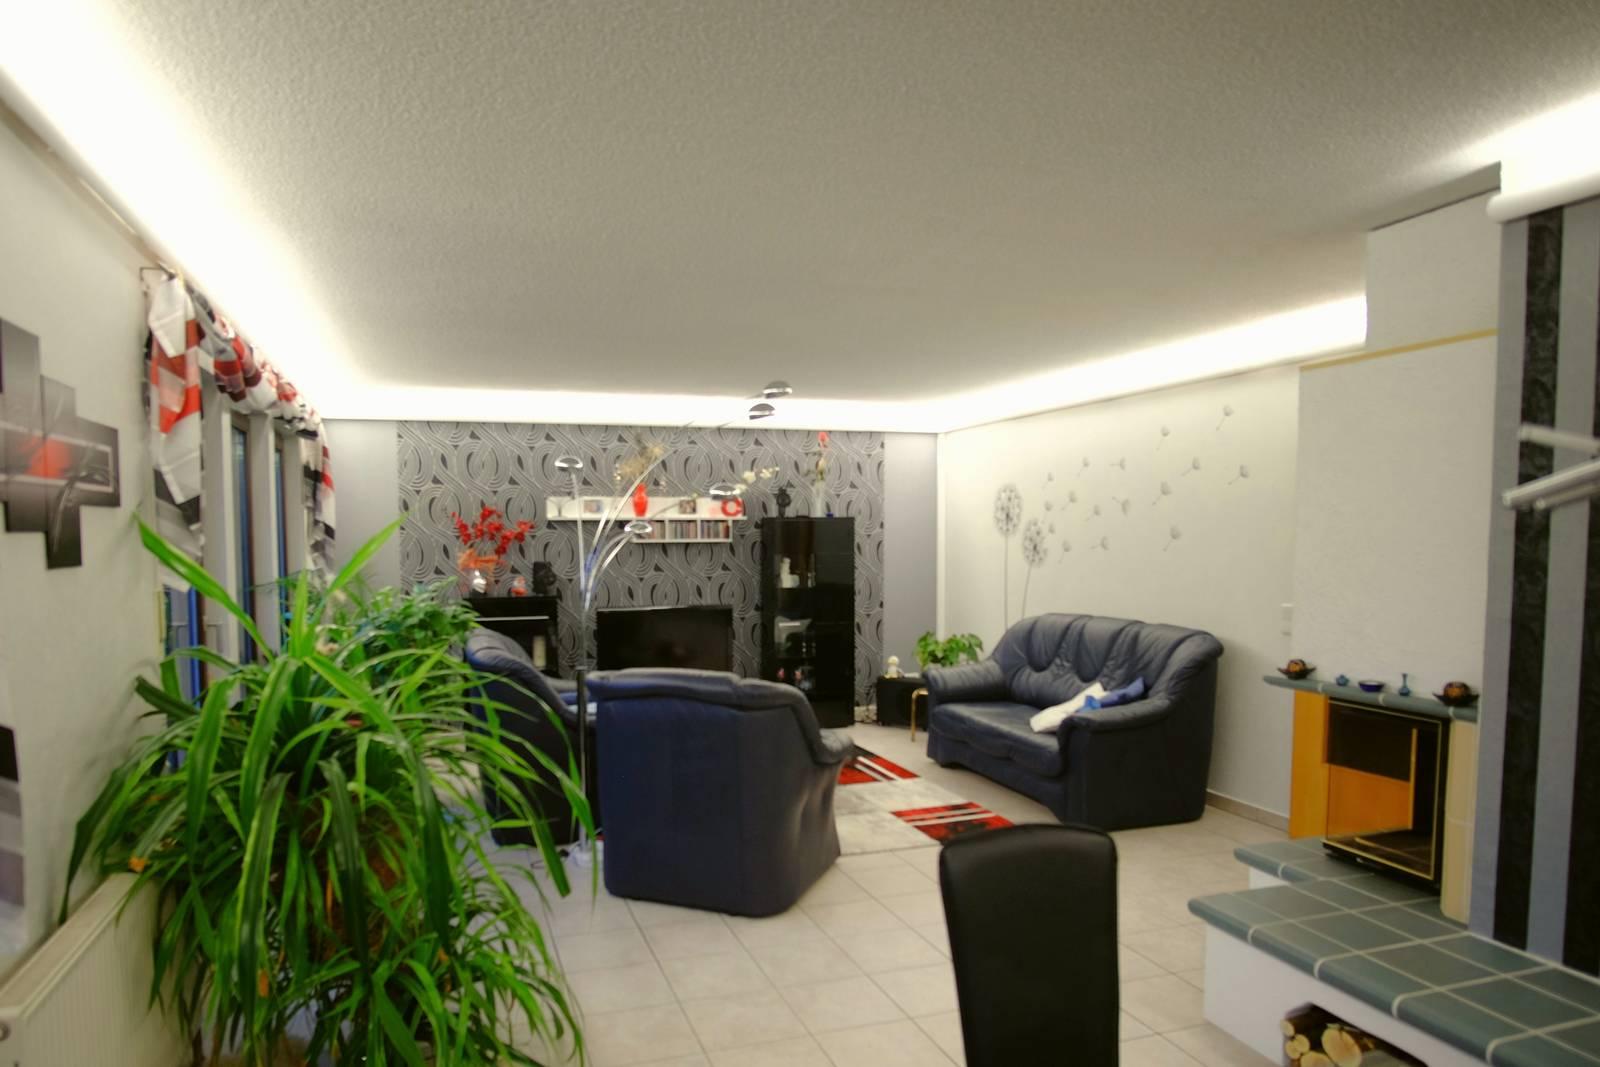 Indirekte beleuchtung mit led vorher nachher - Led wohnzimmer ...